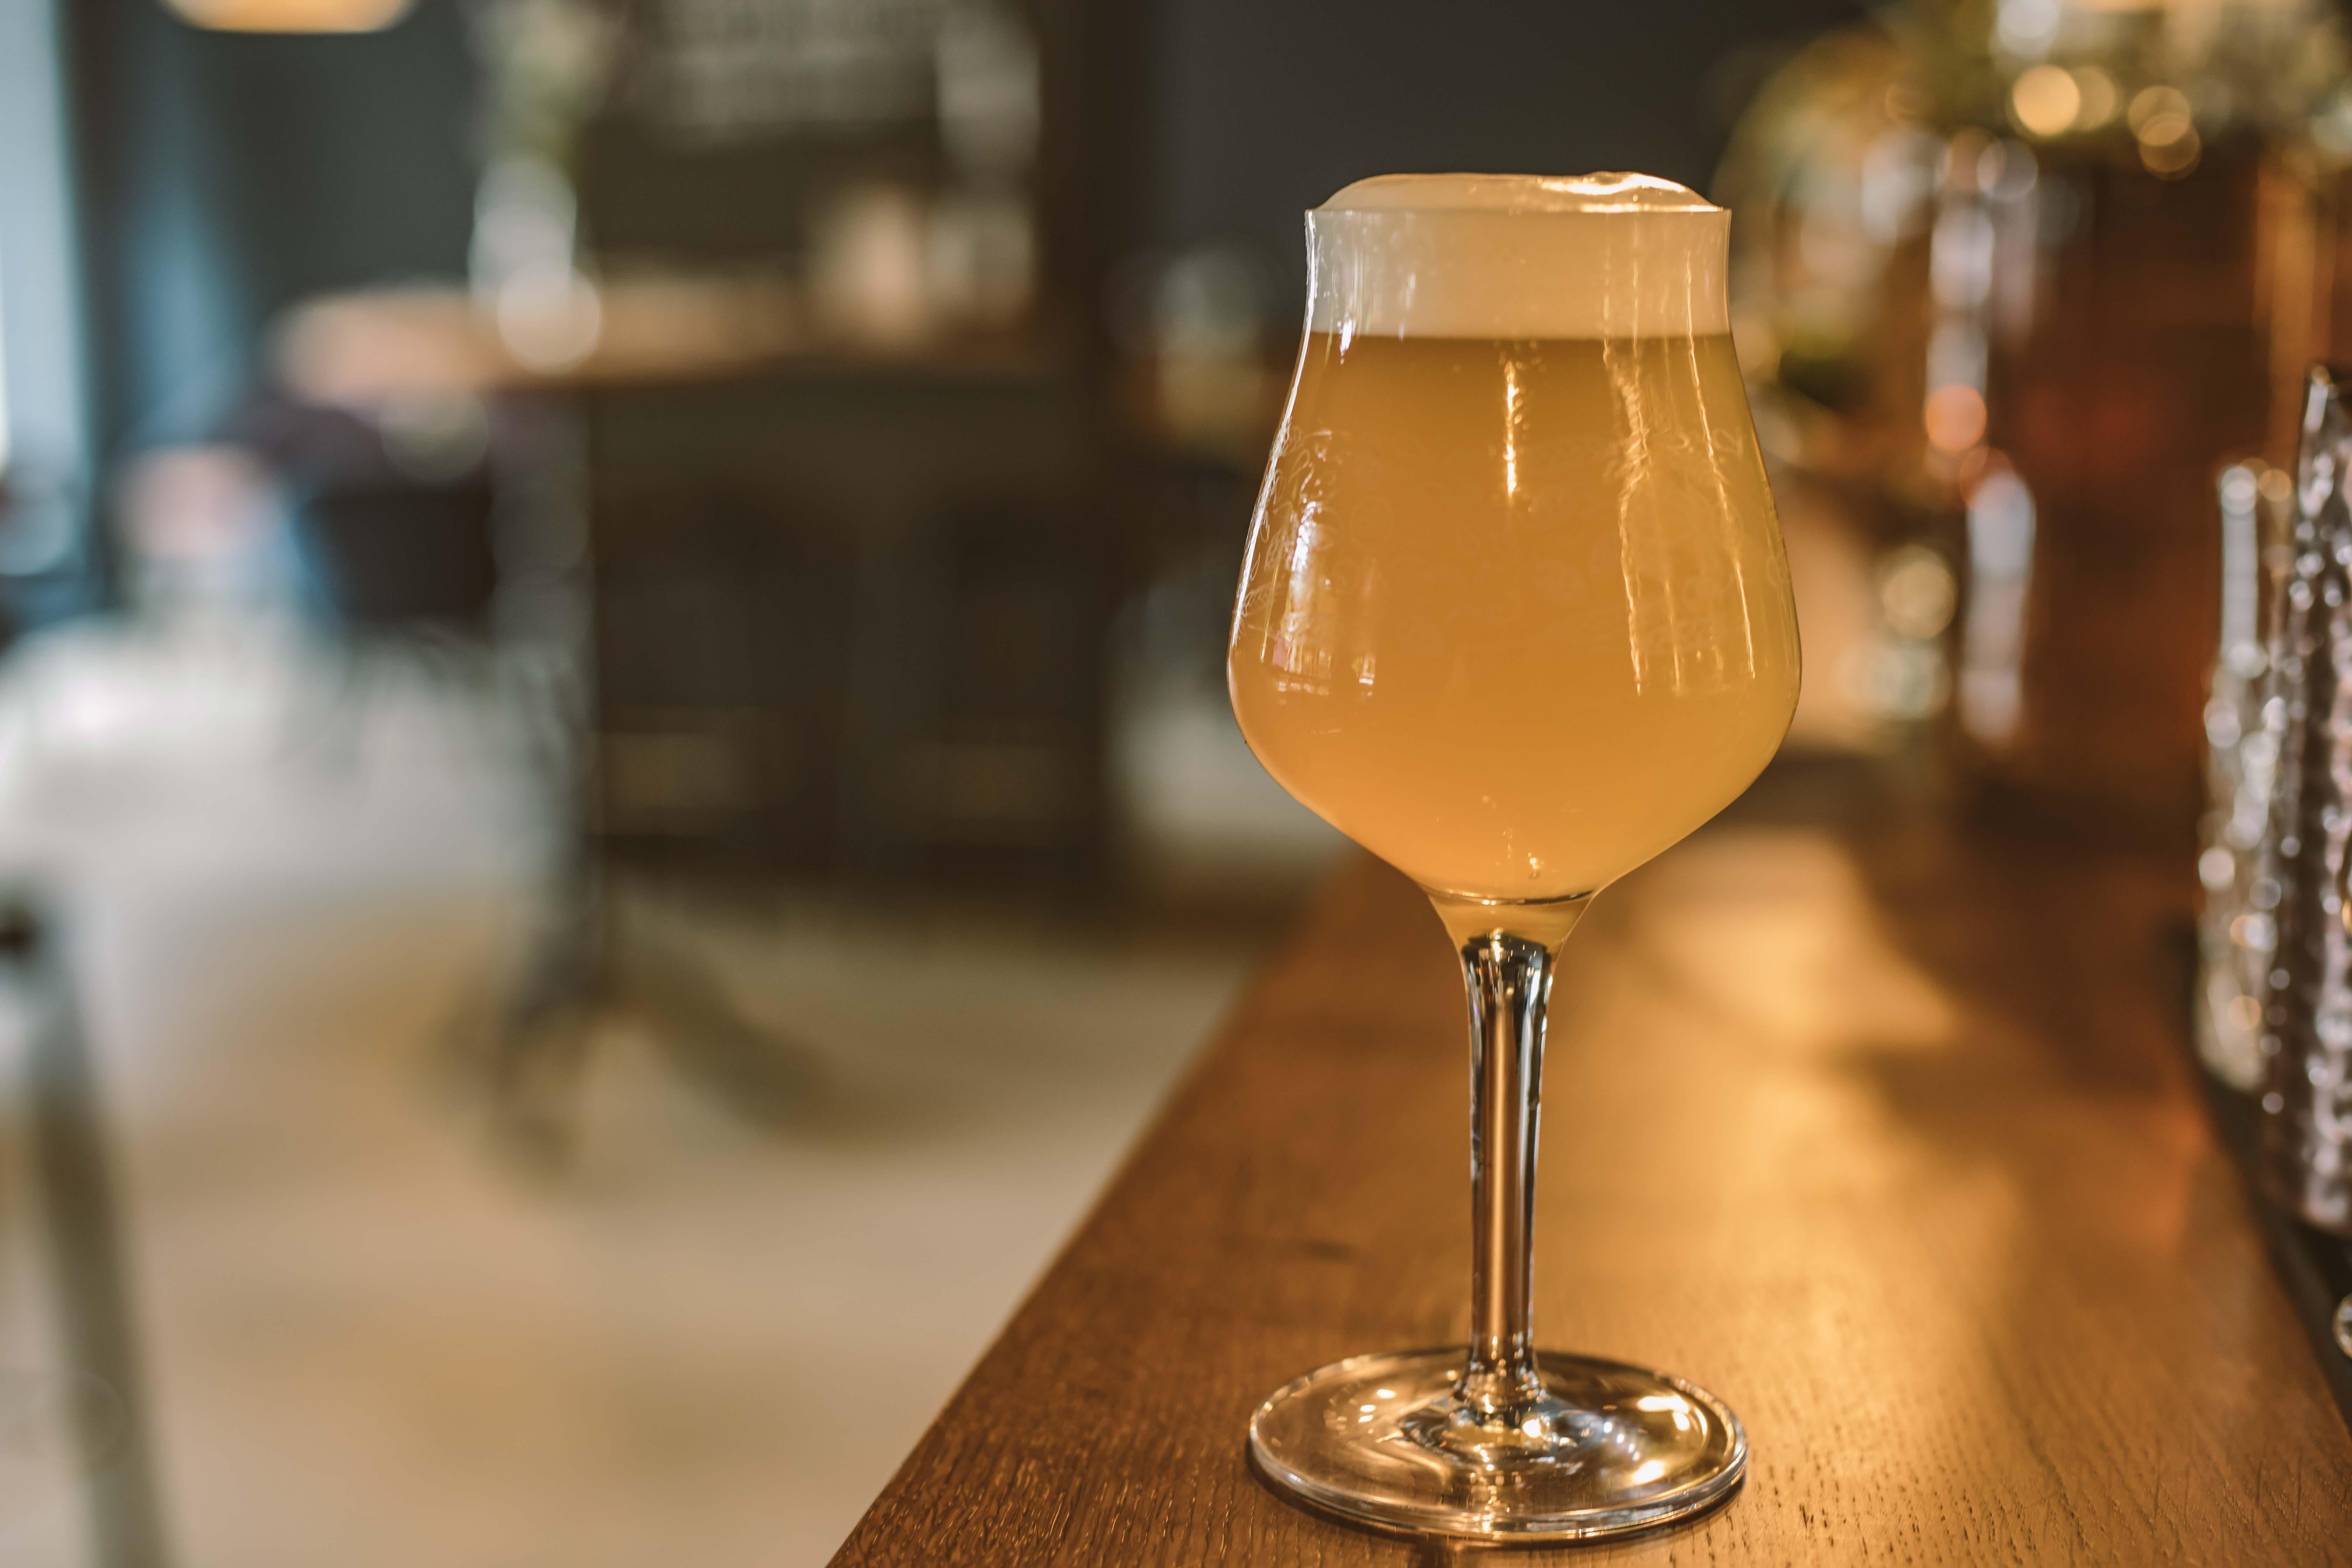 Hoegaarden Bier